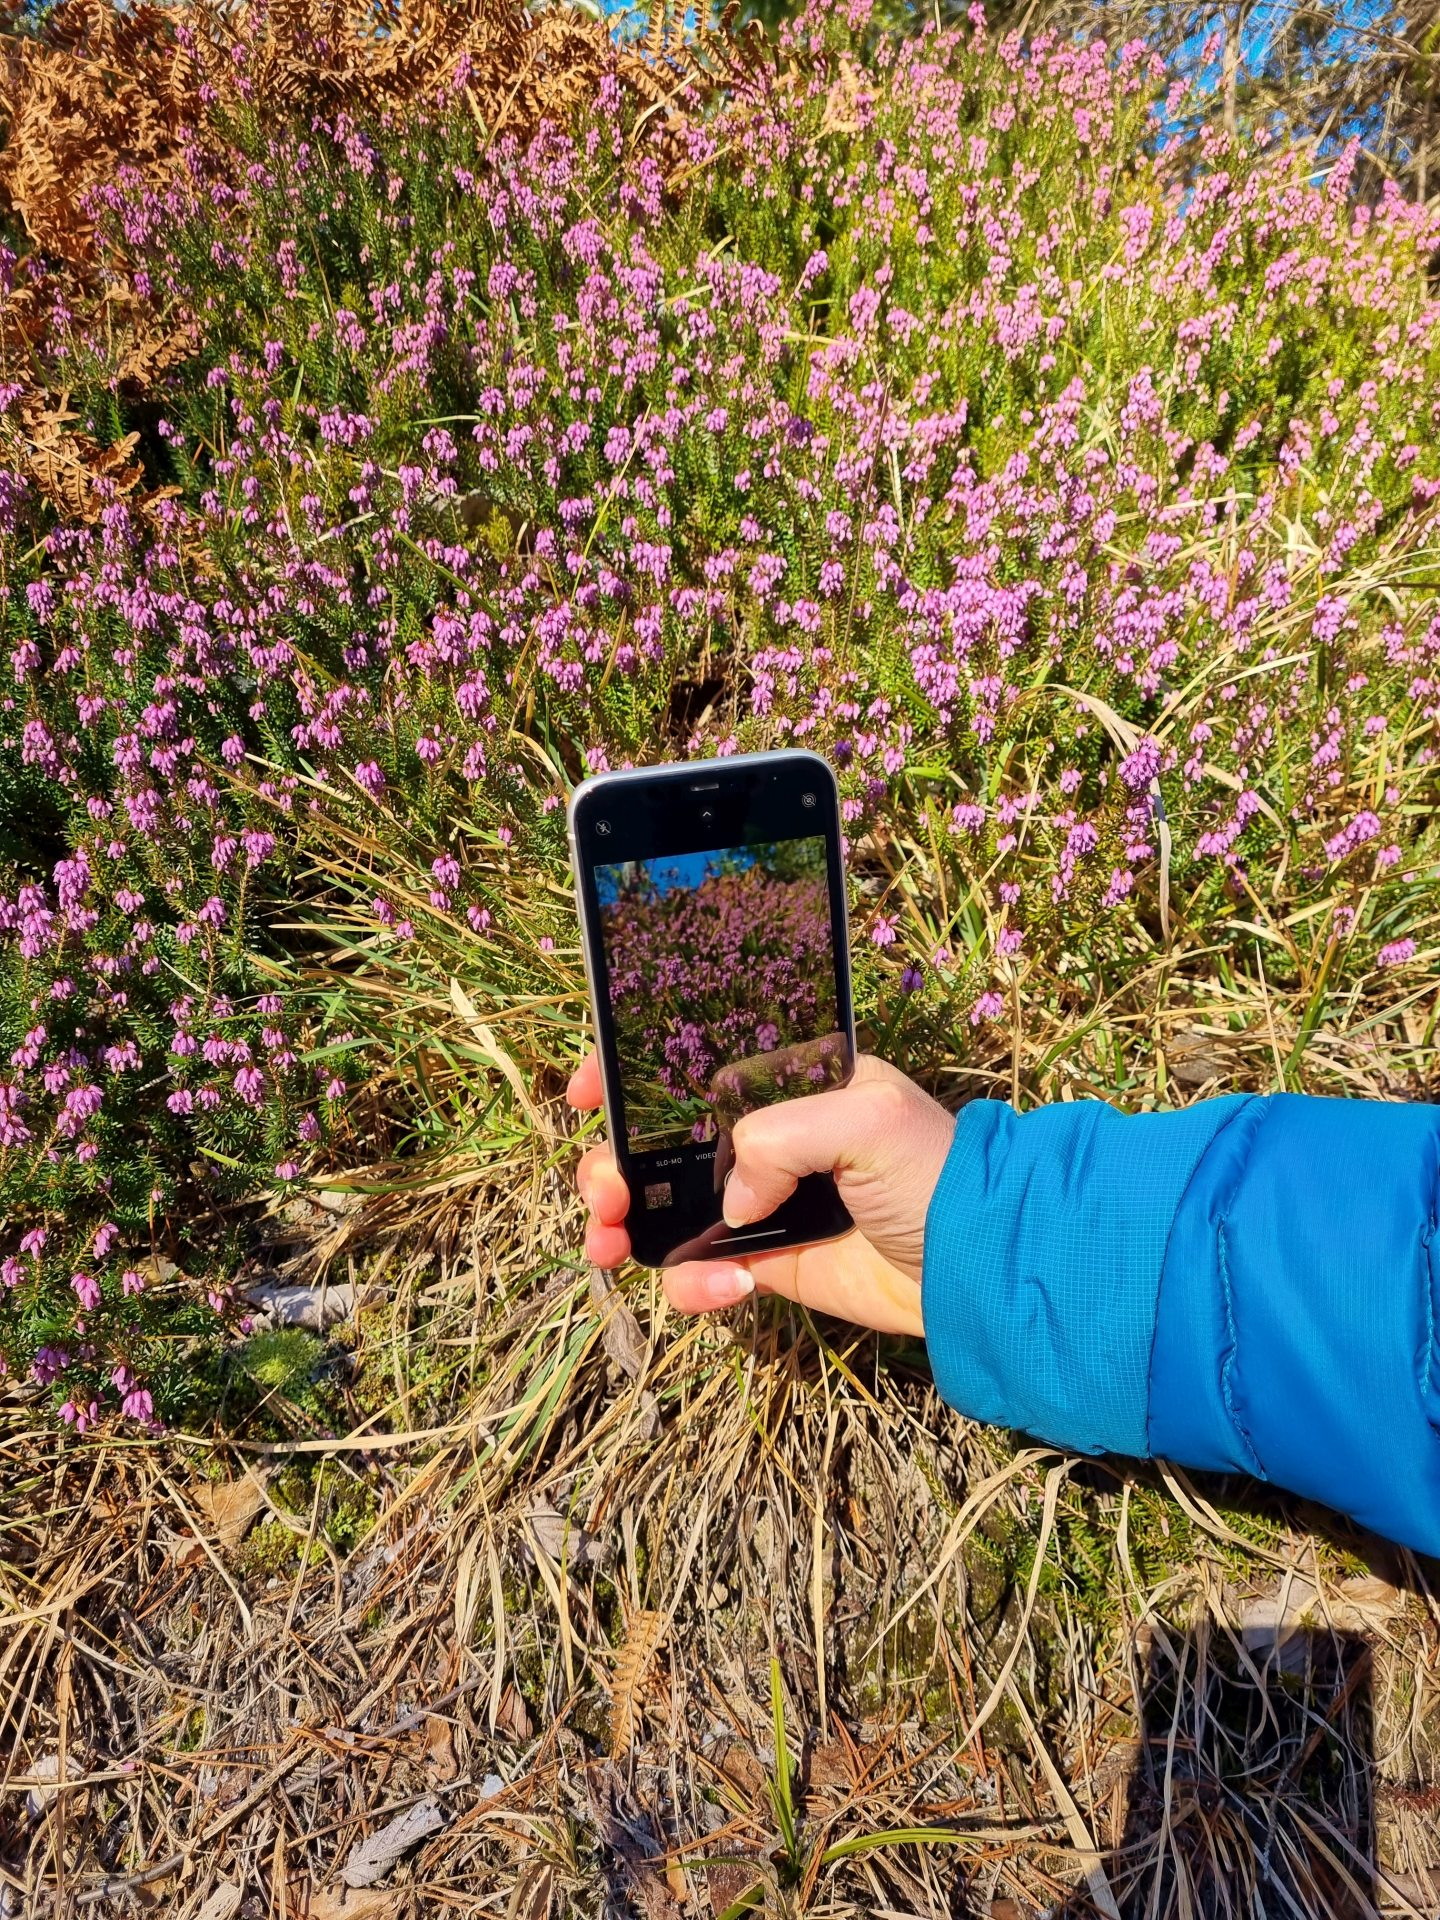 Diese Farben! No Filter needed! :-) - Erica, Natur, Pflanzen, Ramsau, Smartphone, Unterberg - (Adamsthal, Kleinzell, Niederösterreich, Österreich)